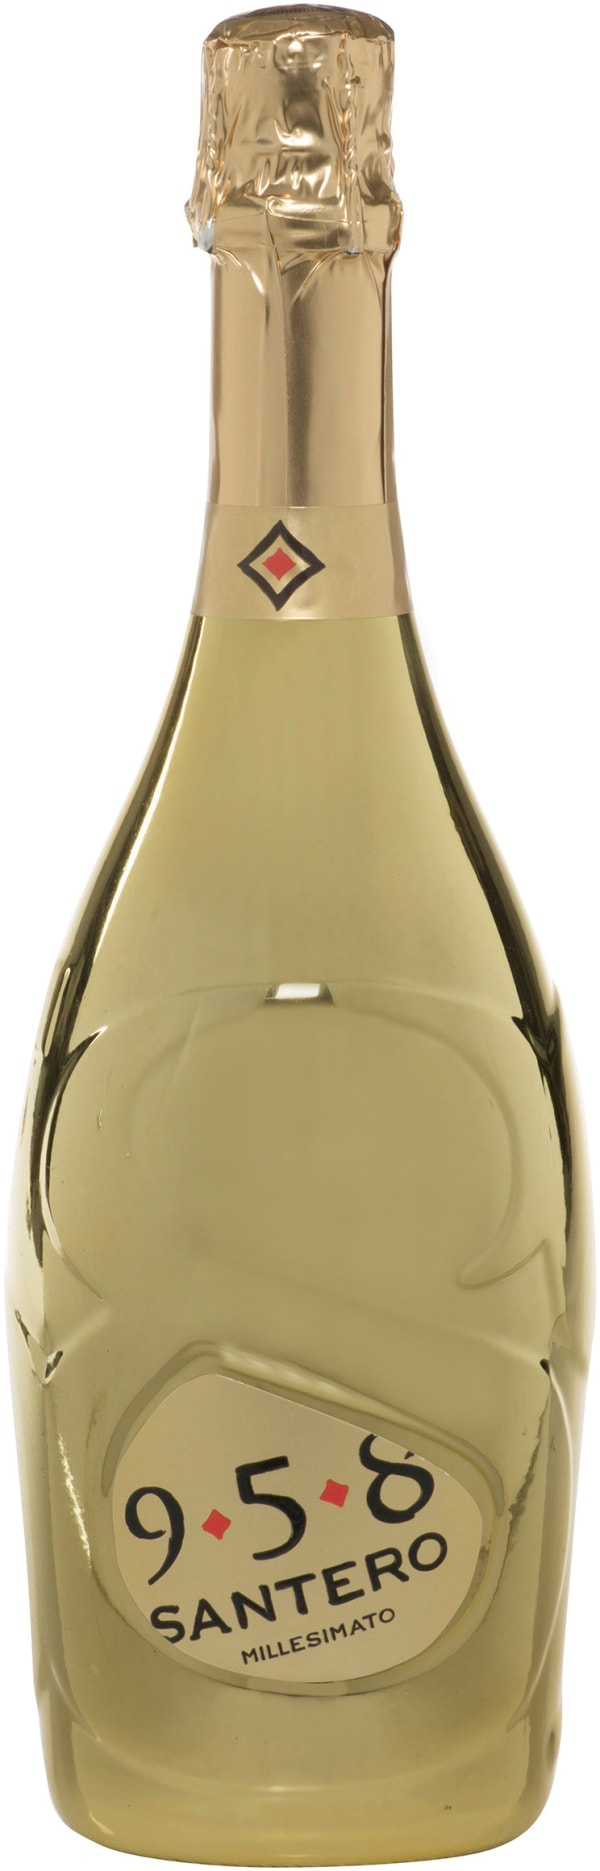 Santero 958 Millesimato Gold Extra Dry 2017